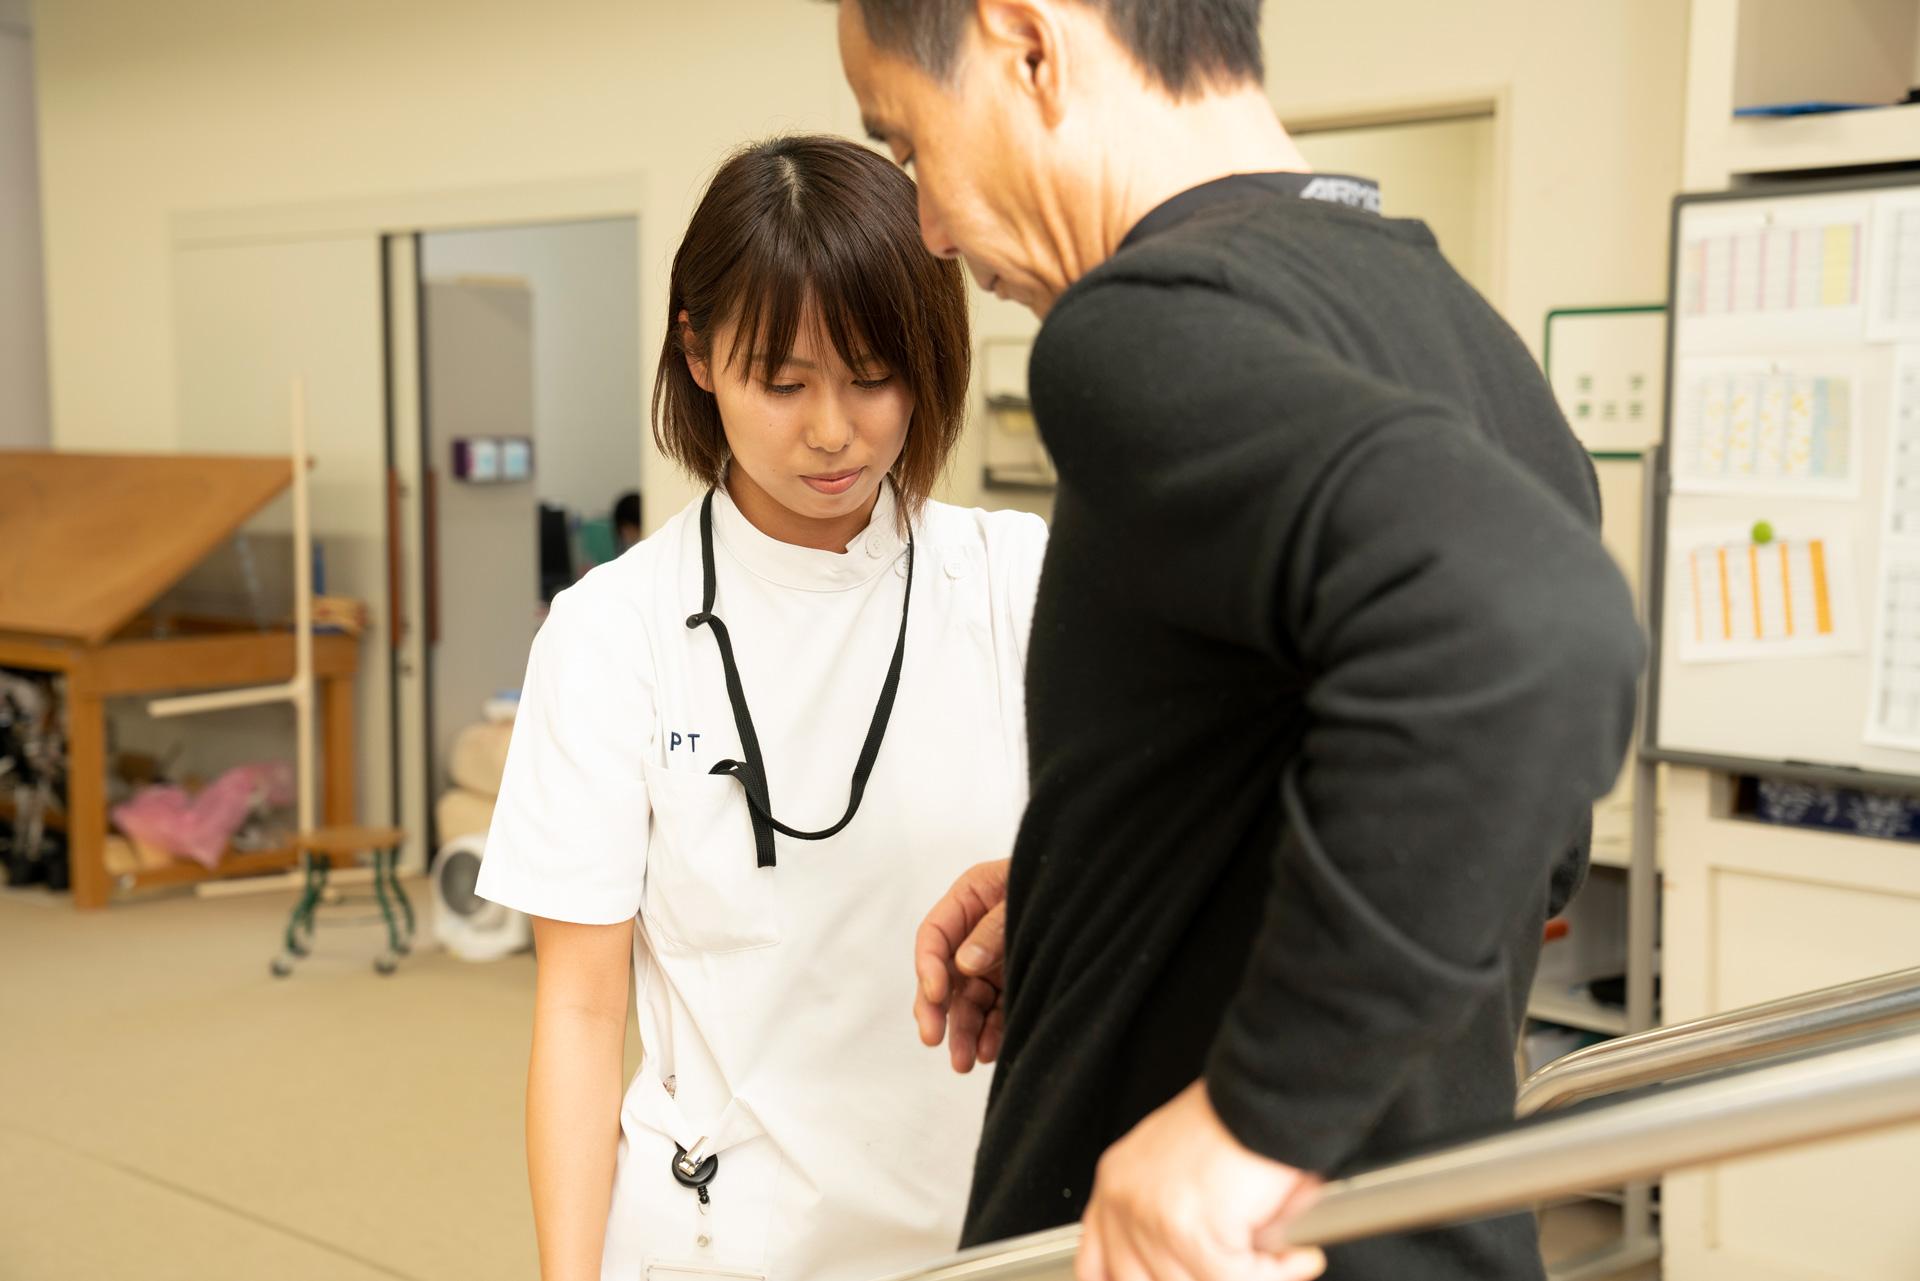 写真:理学療法士が患者が階段を降りる補助をしている様子